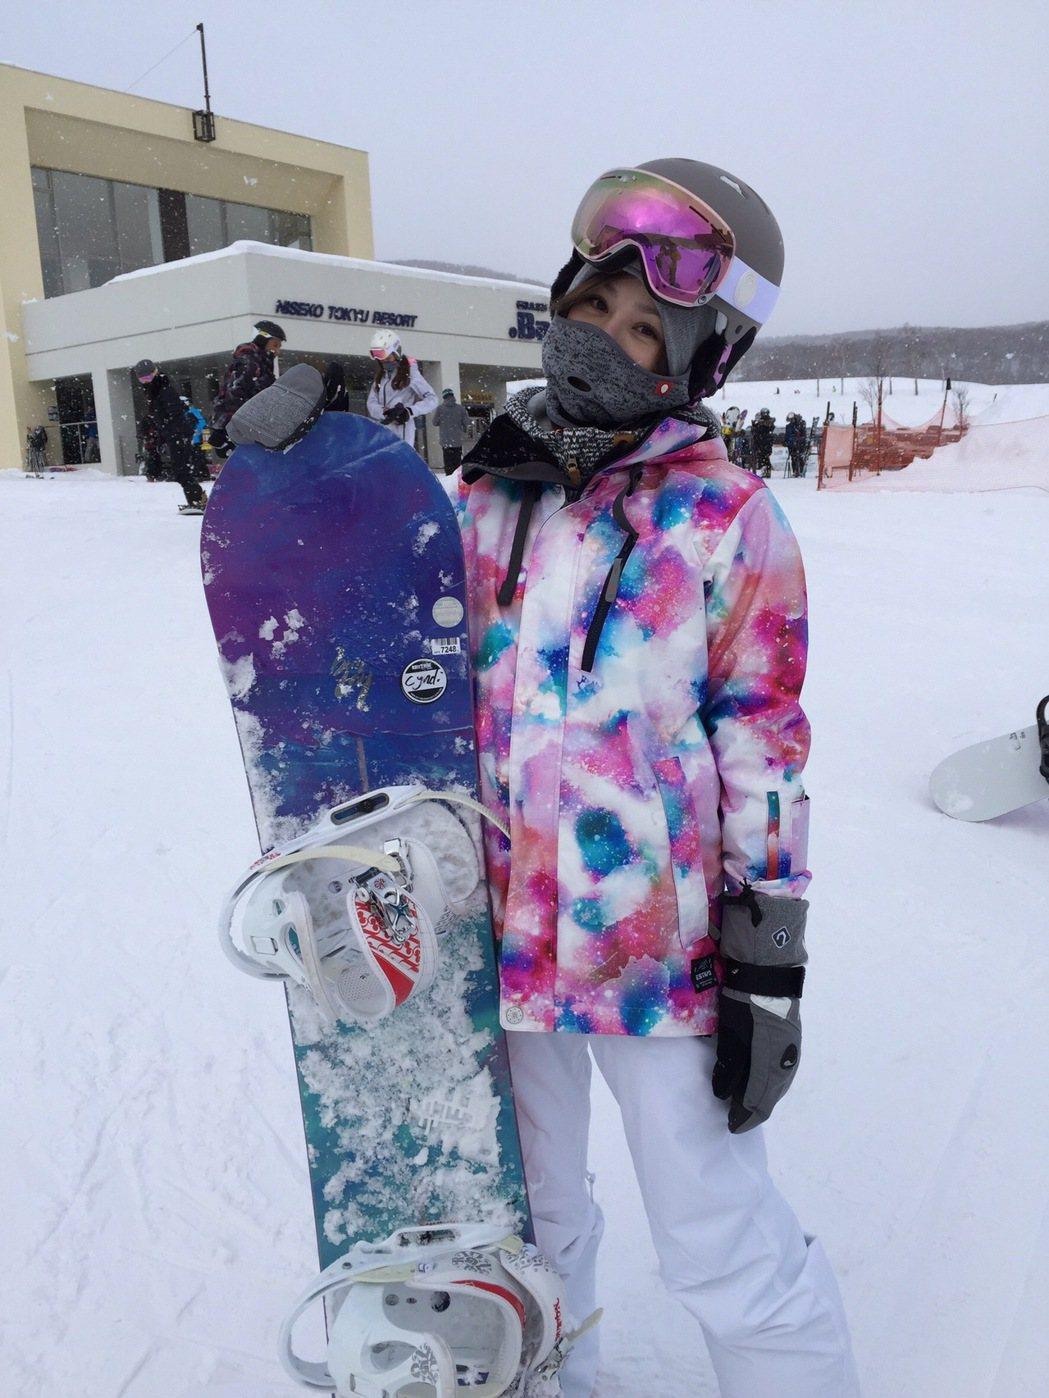 王心凌日前到北海道滑雪度假。圖/天晴音樂提供